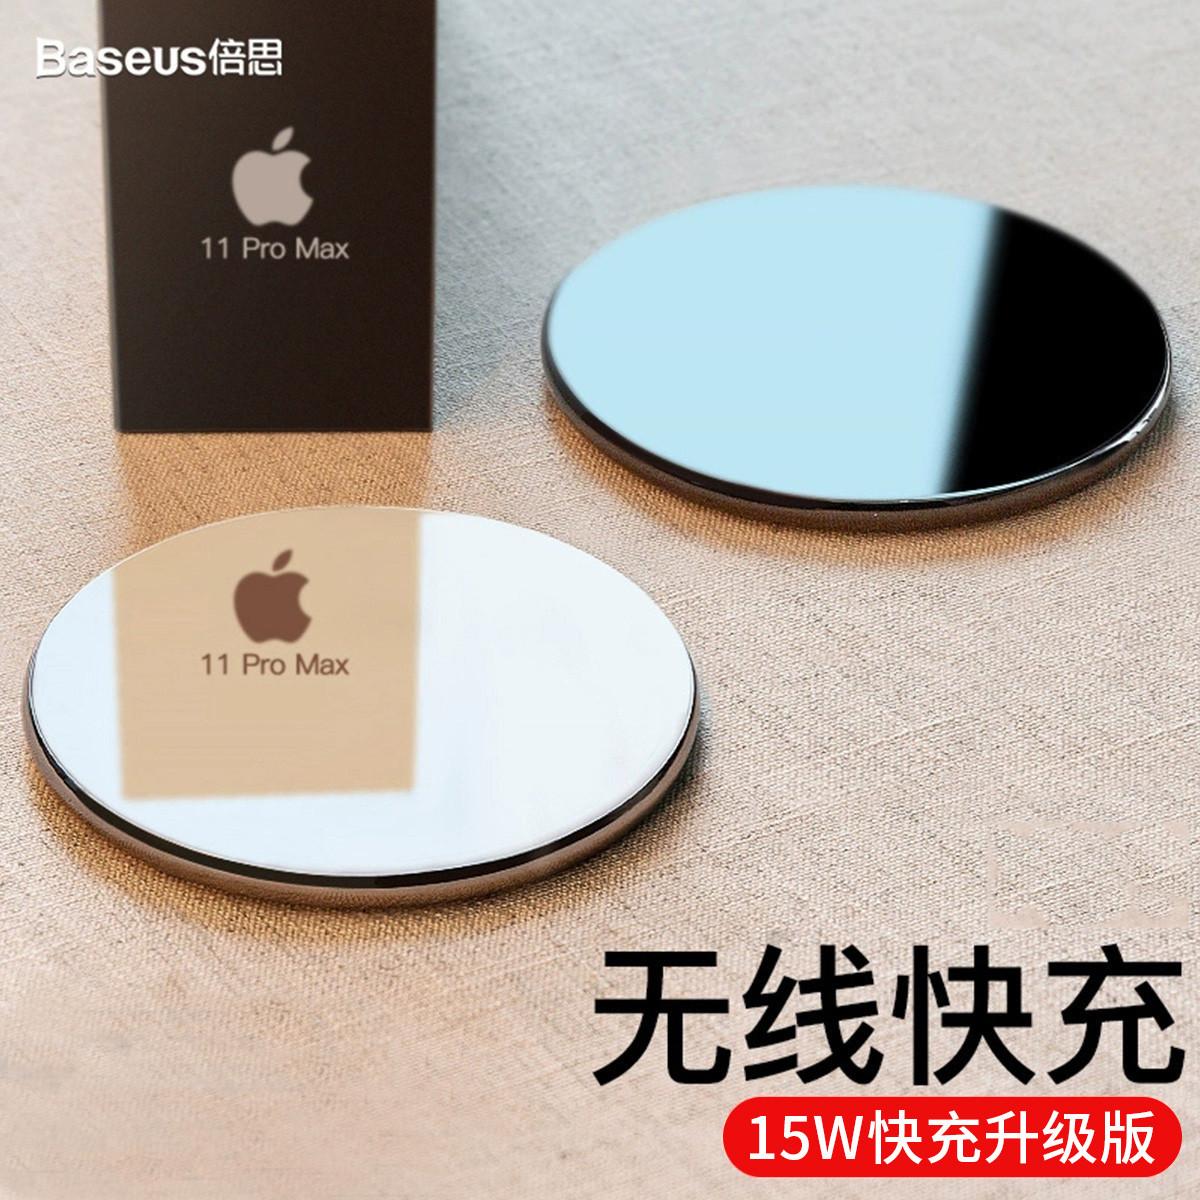 极简无线充电器迷你快充急速充电iphone适用苹果华为安卓无线快充